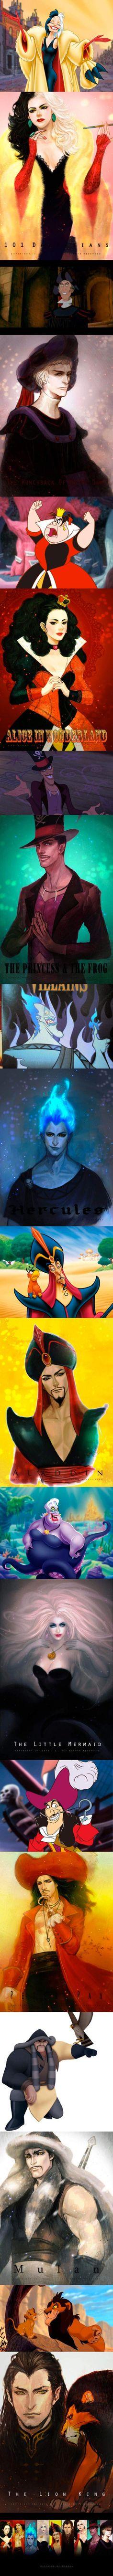 Si les Méchants Personnages de Disney étaient Vraiment très Beaux | Buzzly